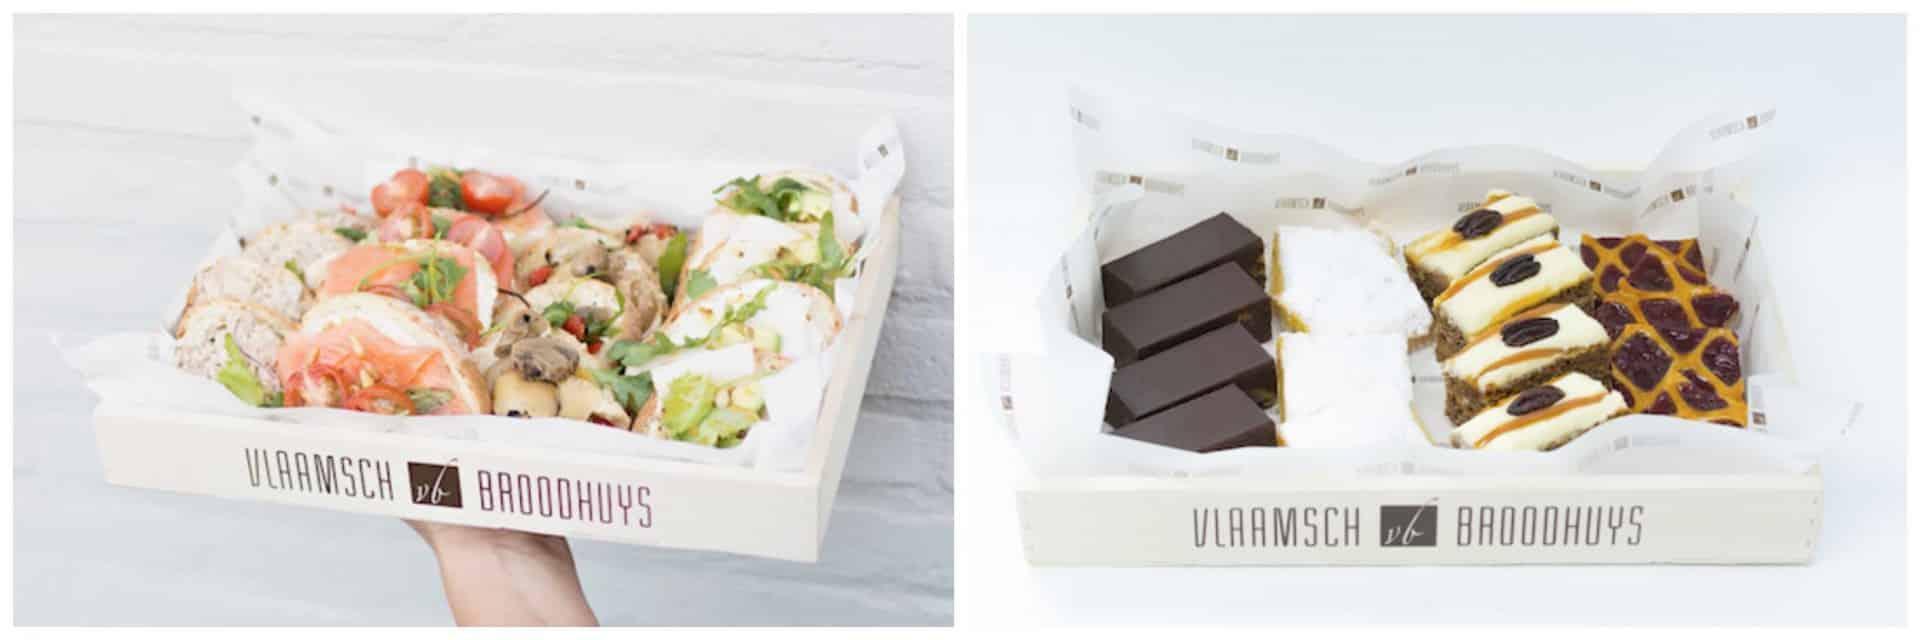 Saranne Oisterwijk - Lunch kistje zoet en boterhammen